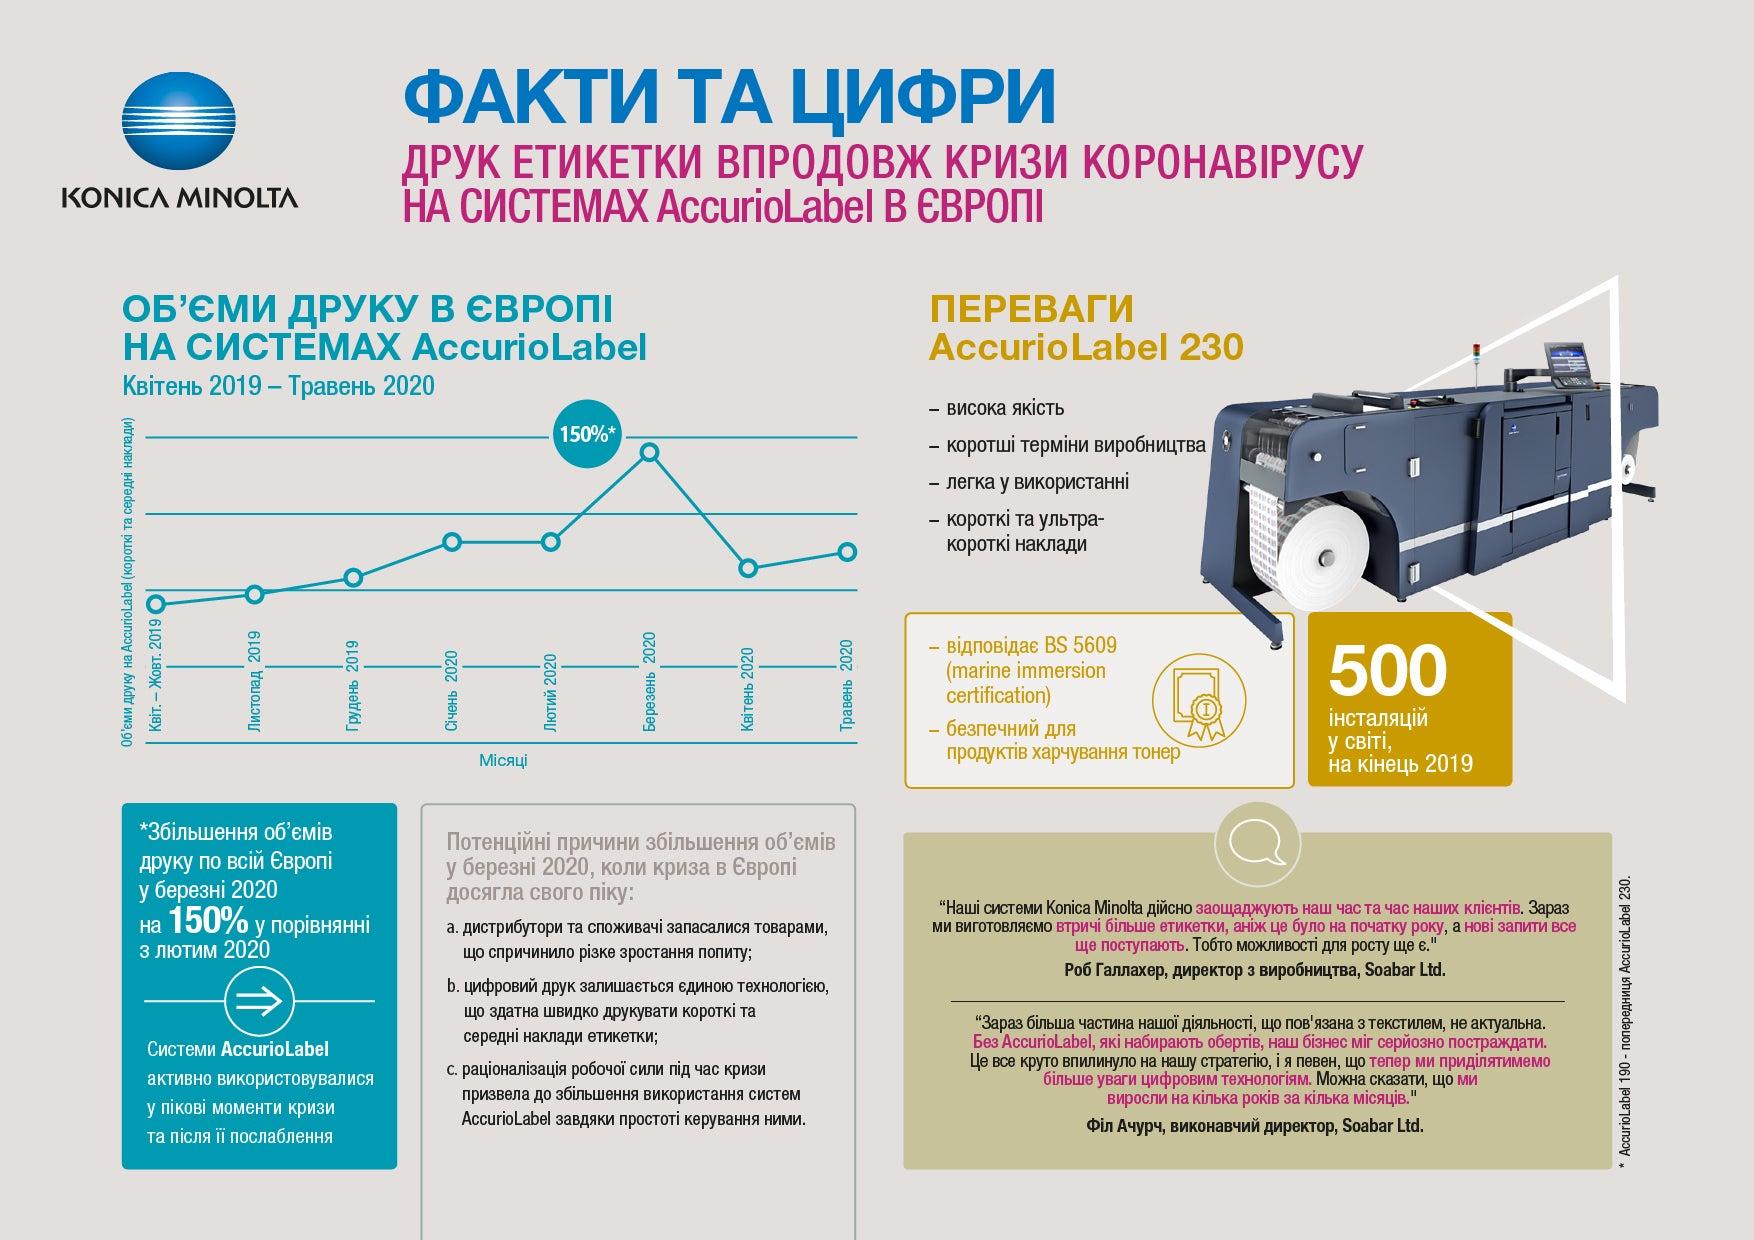 Вплив пандемії коронавірусу на ринок етикетки — інфографіка Konica Minolta